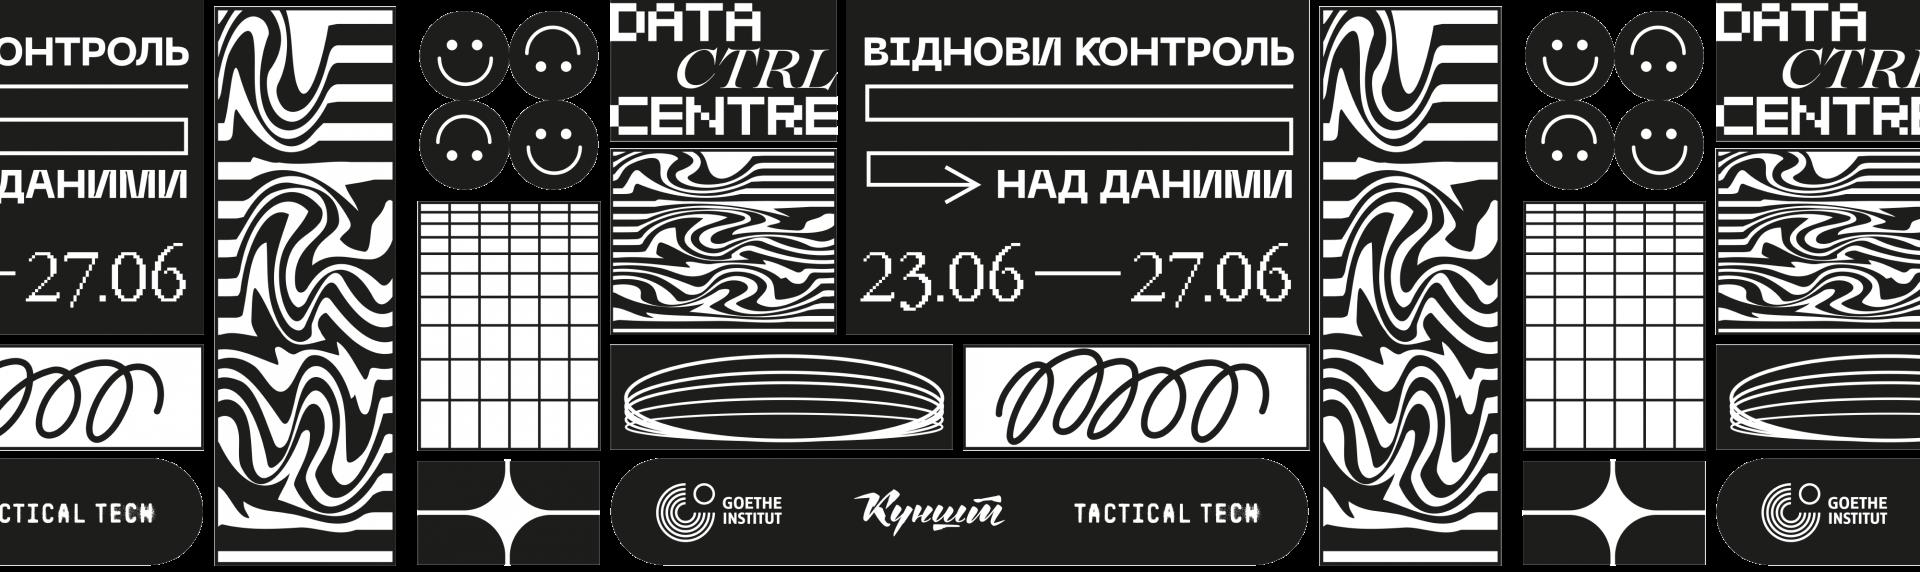 Data CTRL Centre: віднови контроль над даними